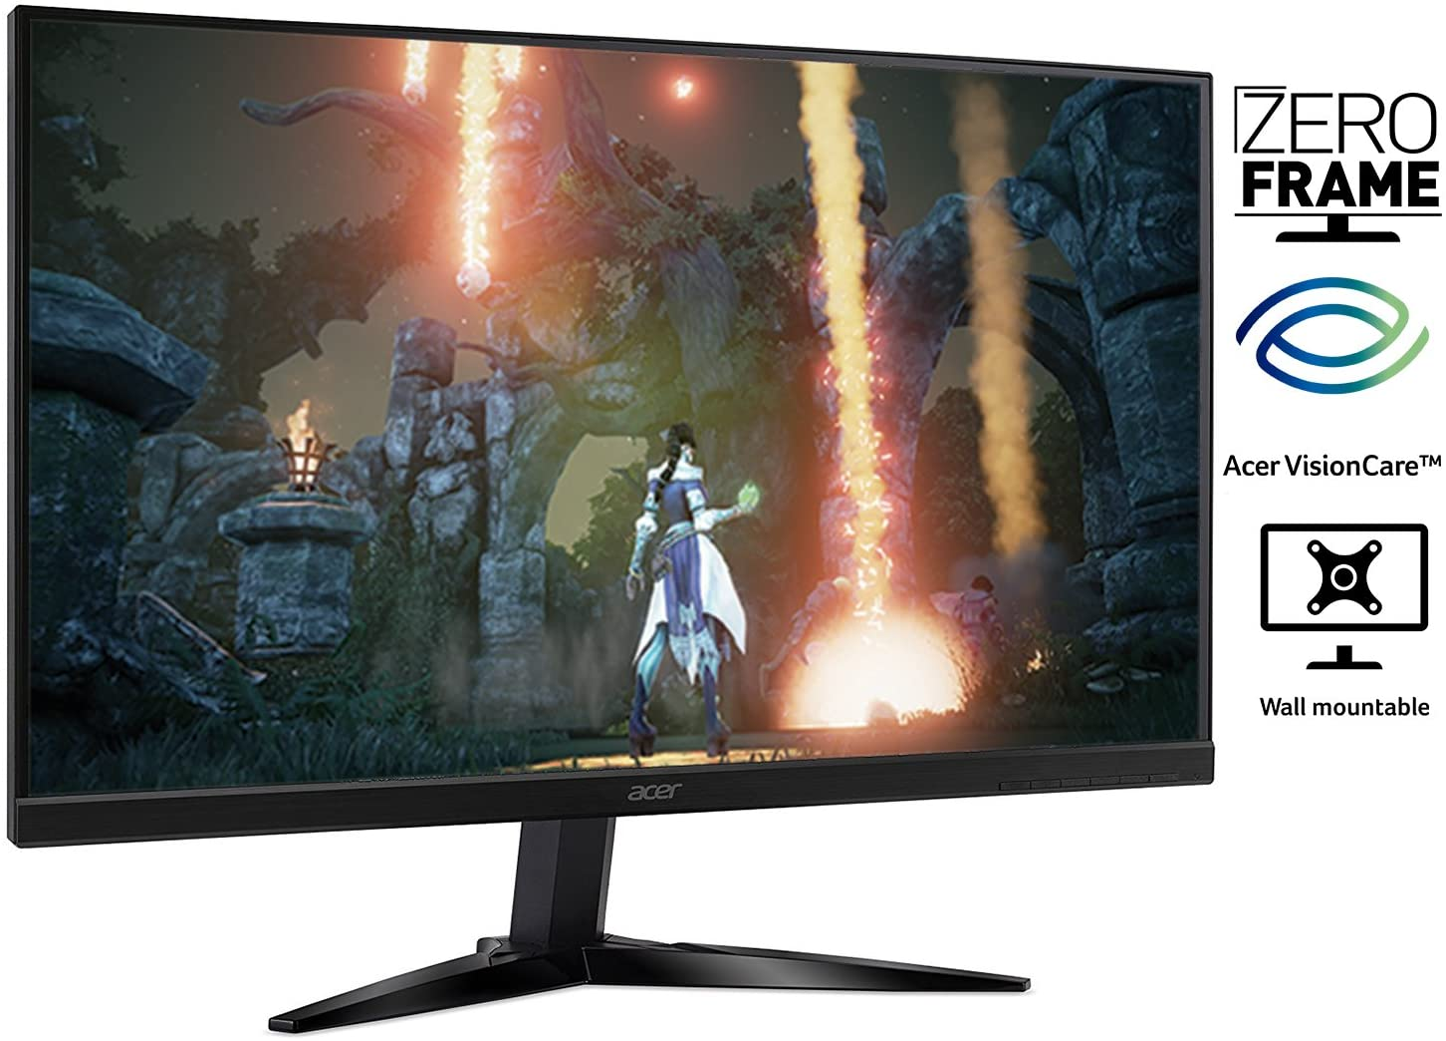 Amazon.com: Monitor Acer para videojuegos con tecnología AMD FREESYNC:  Computers & Accessories